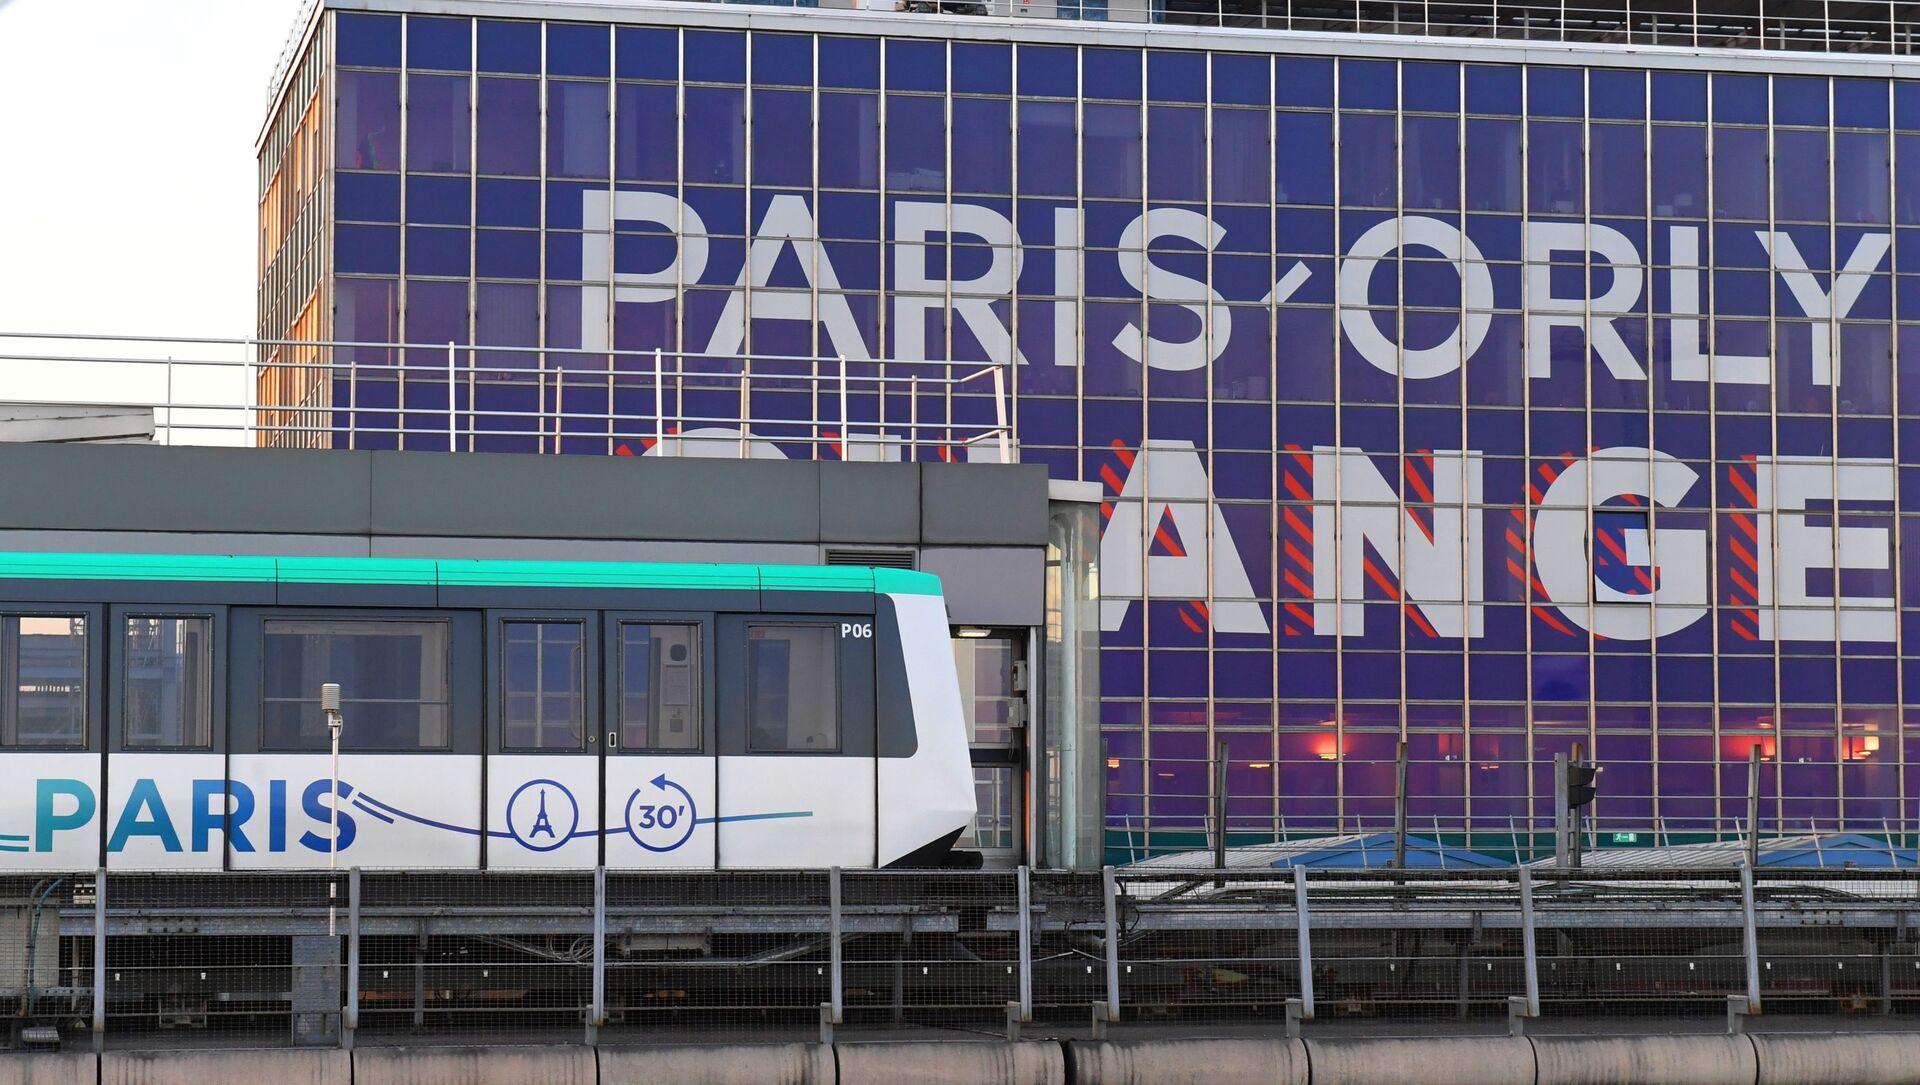 Aéroport Paris-Orly - Sputnik France, 1920, 10.09.2021